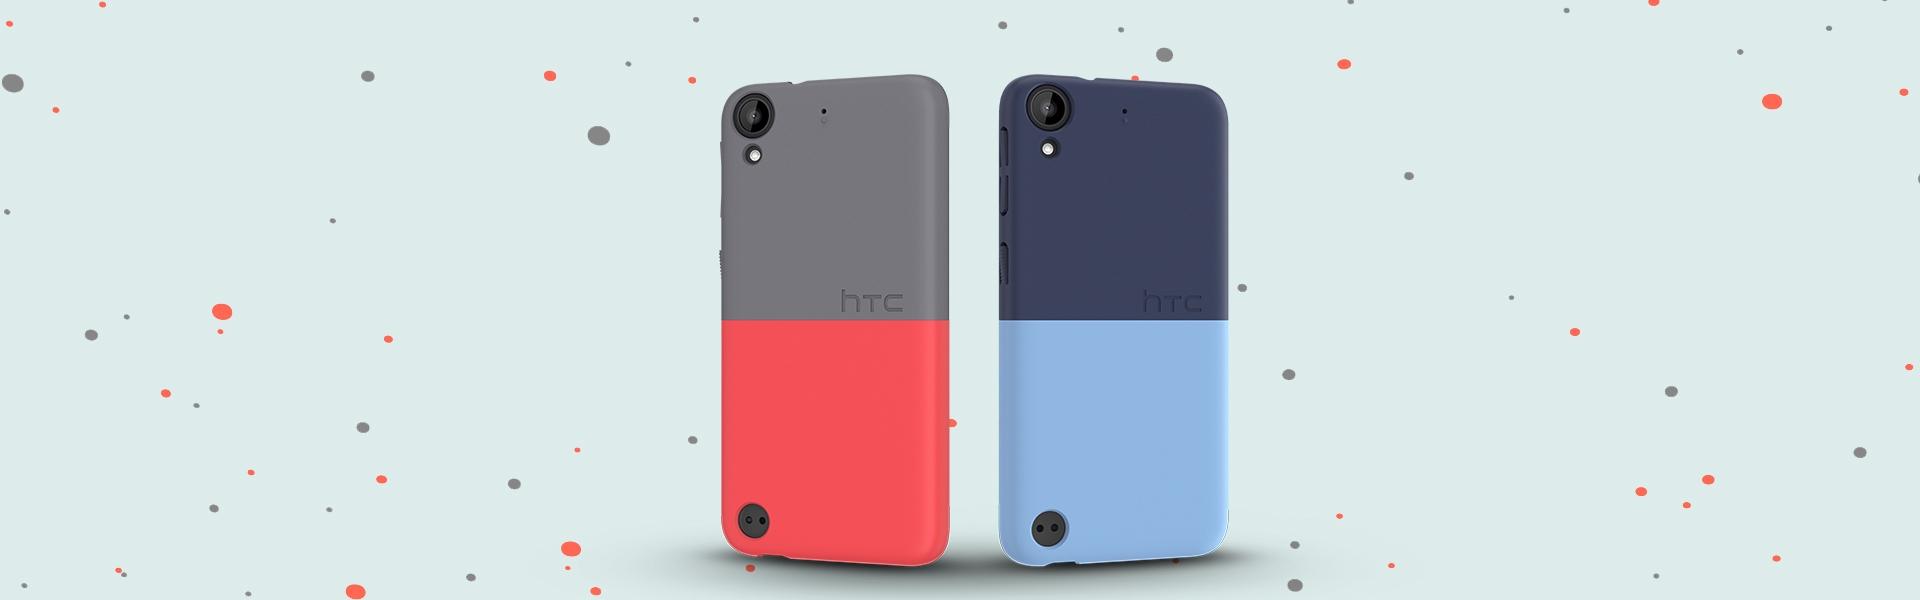 HTC покинет рынок смартфонов начального уровня